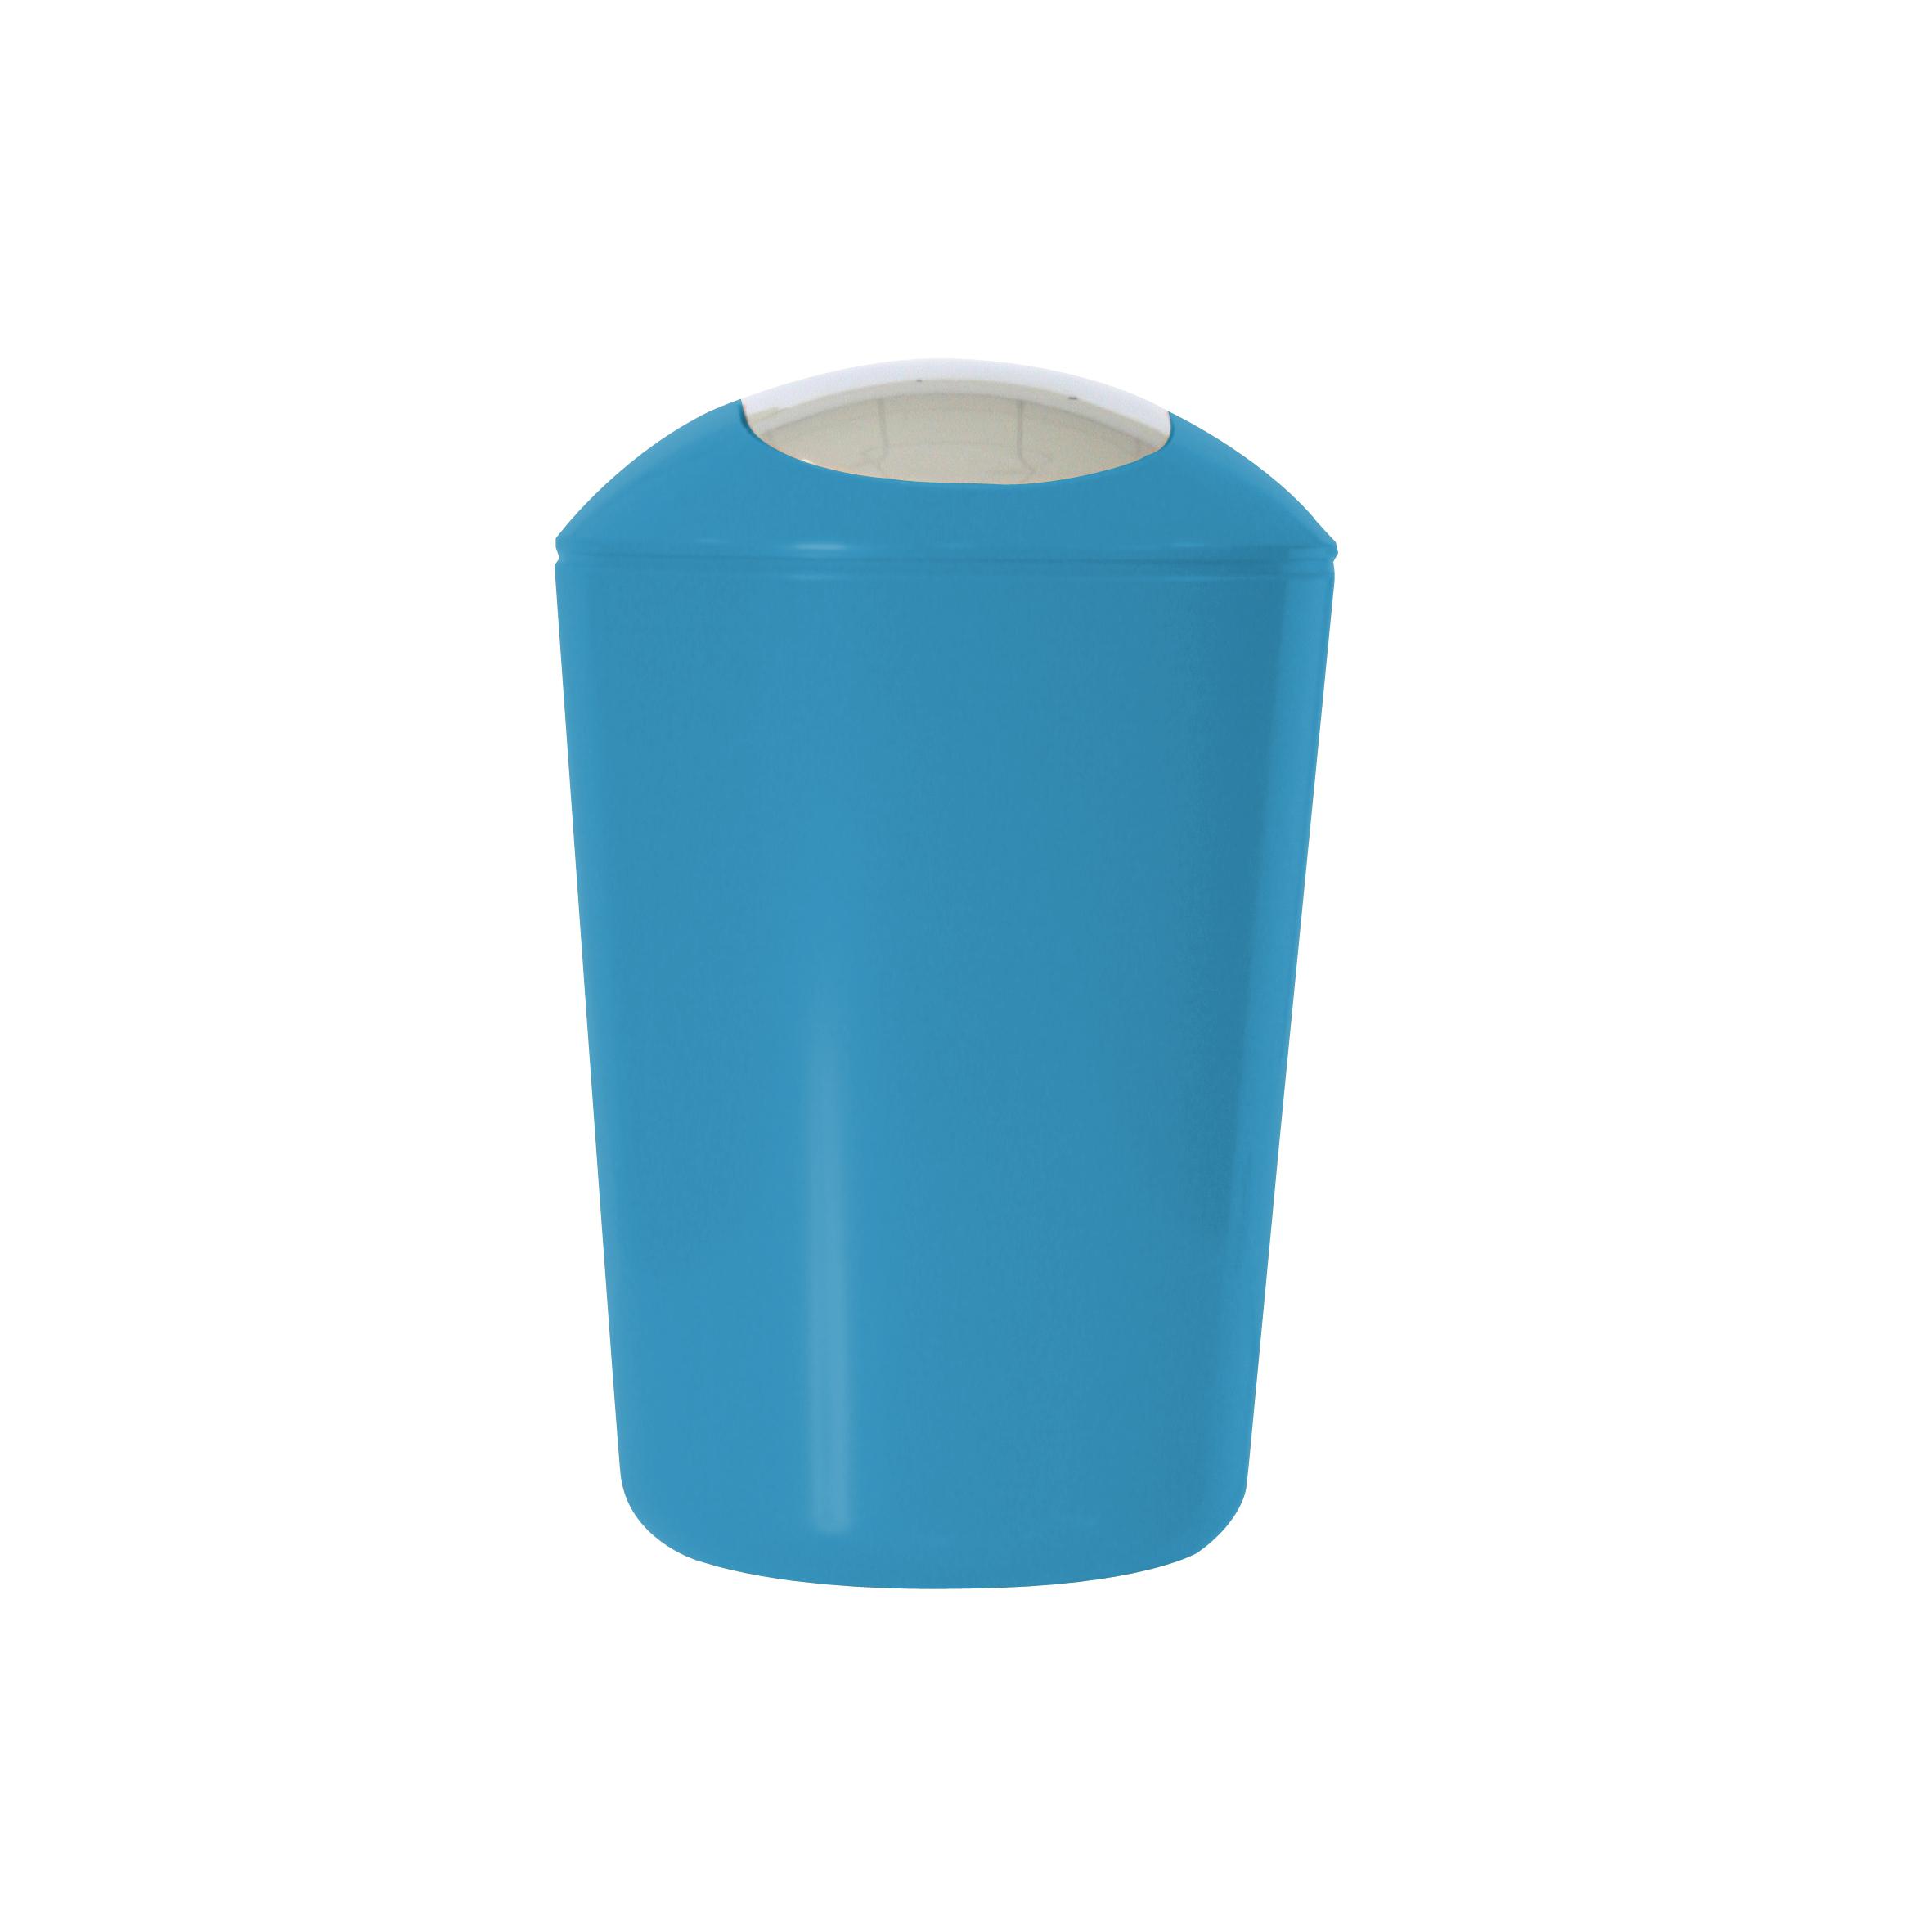 Ведро для мусора Axentia, с крышкой, цвет: синий, хром, 5 л251082Глянцевое ведро для мусора Axentia, выполненное из высококачественного износостойкого пластика, оснащено хромированную крышку типа «качели». Подходит для использования в ванной комнате или на кухне. Стильный дизайн и яркая расцветка прекрасно подойдет для любого интерьера ванной комнаты или кухни. Размер ведра: 20 х 20 х 30 см. Объем ведра: 5 л.